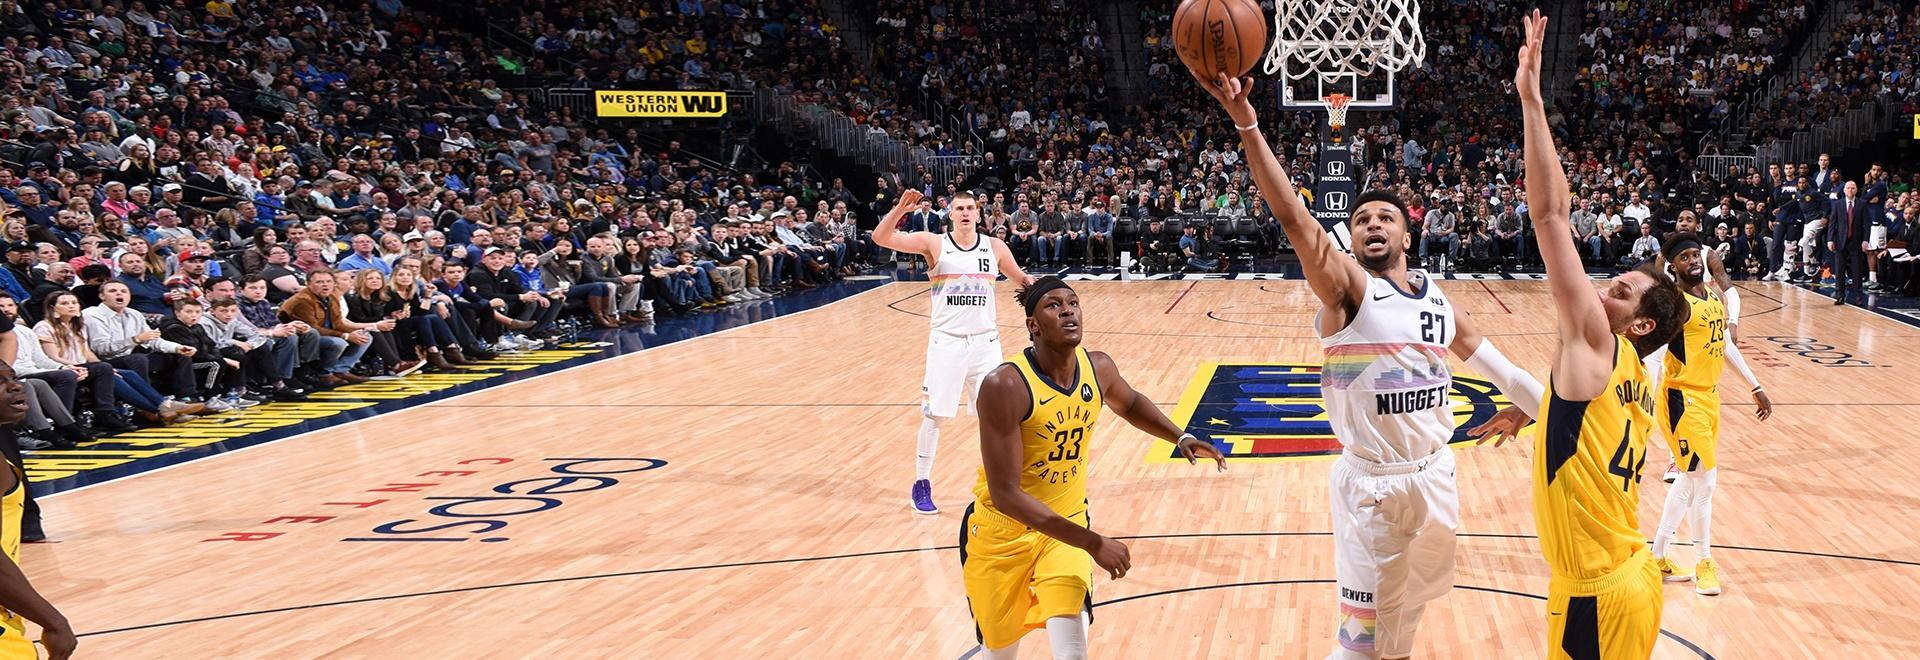 Denver Basketball